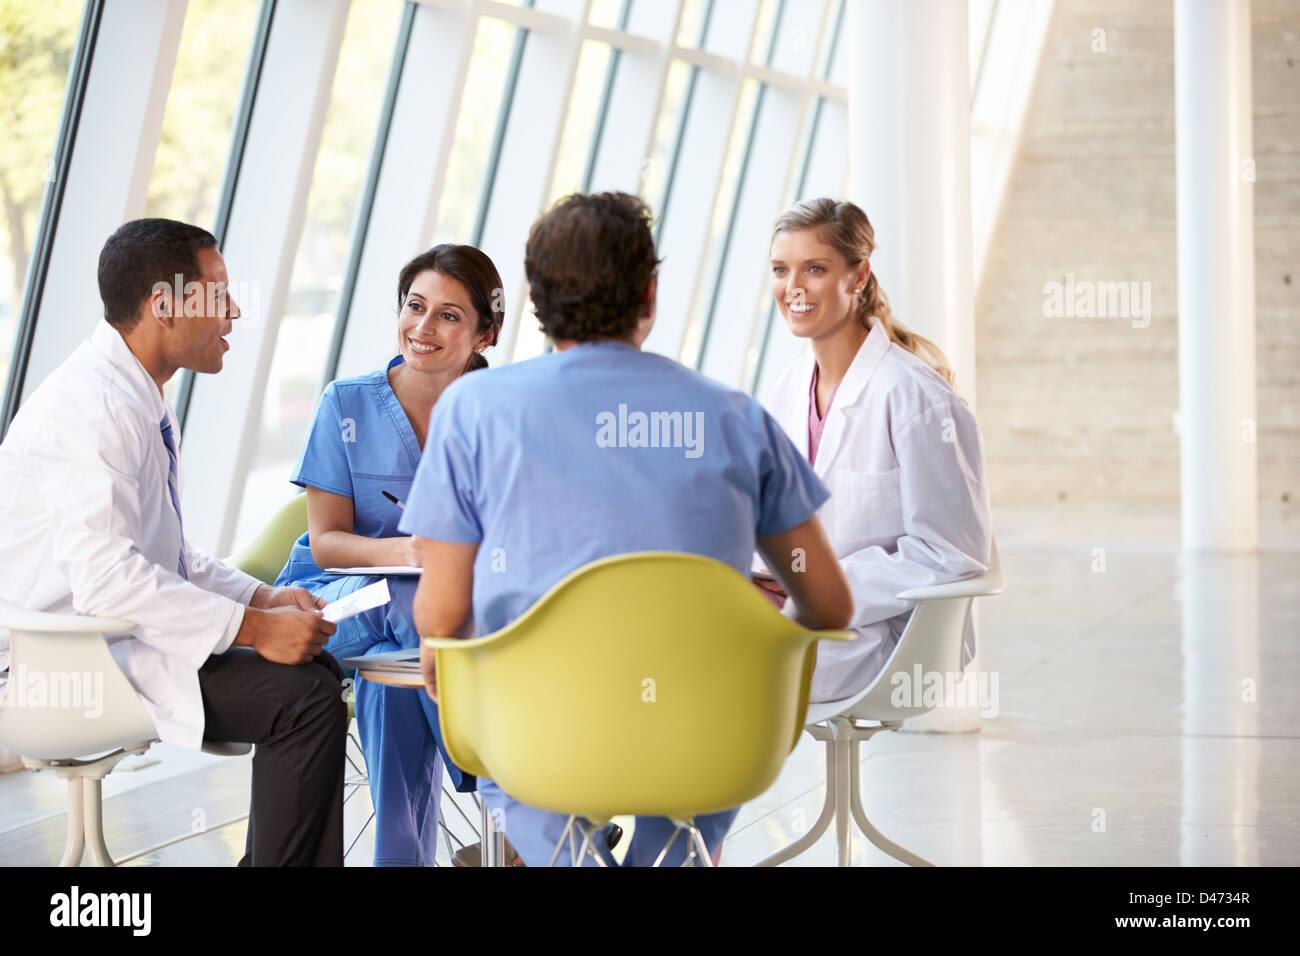 Réunion de l'équipe médicale autour de table dans l'hôpital moderne Photo Stock